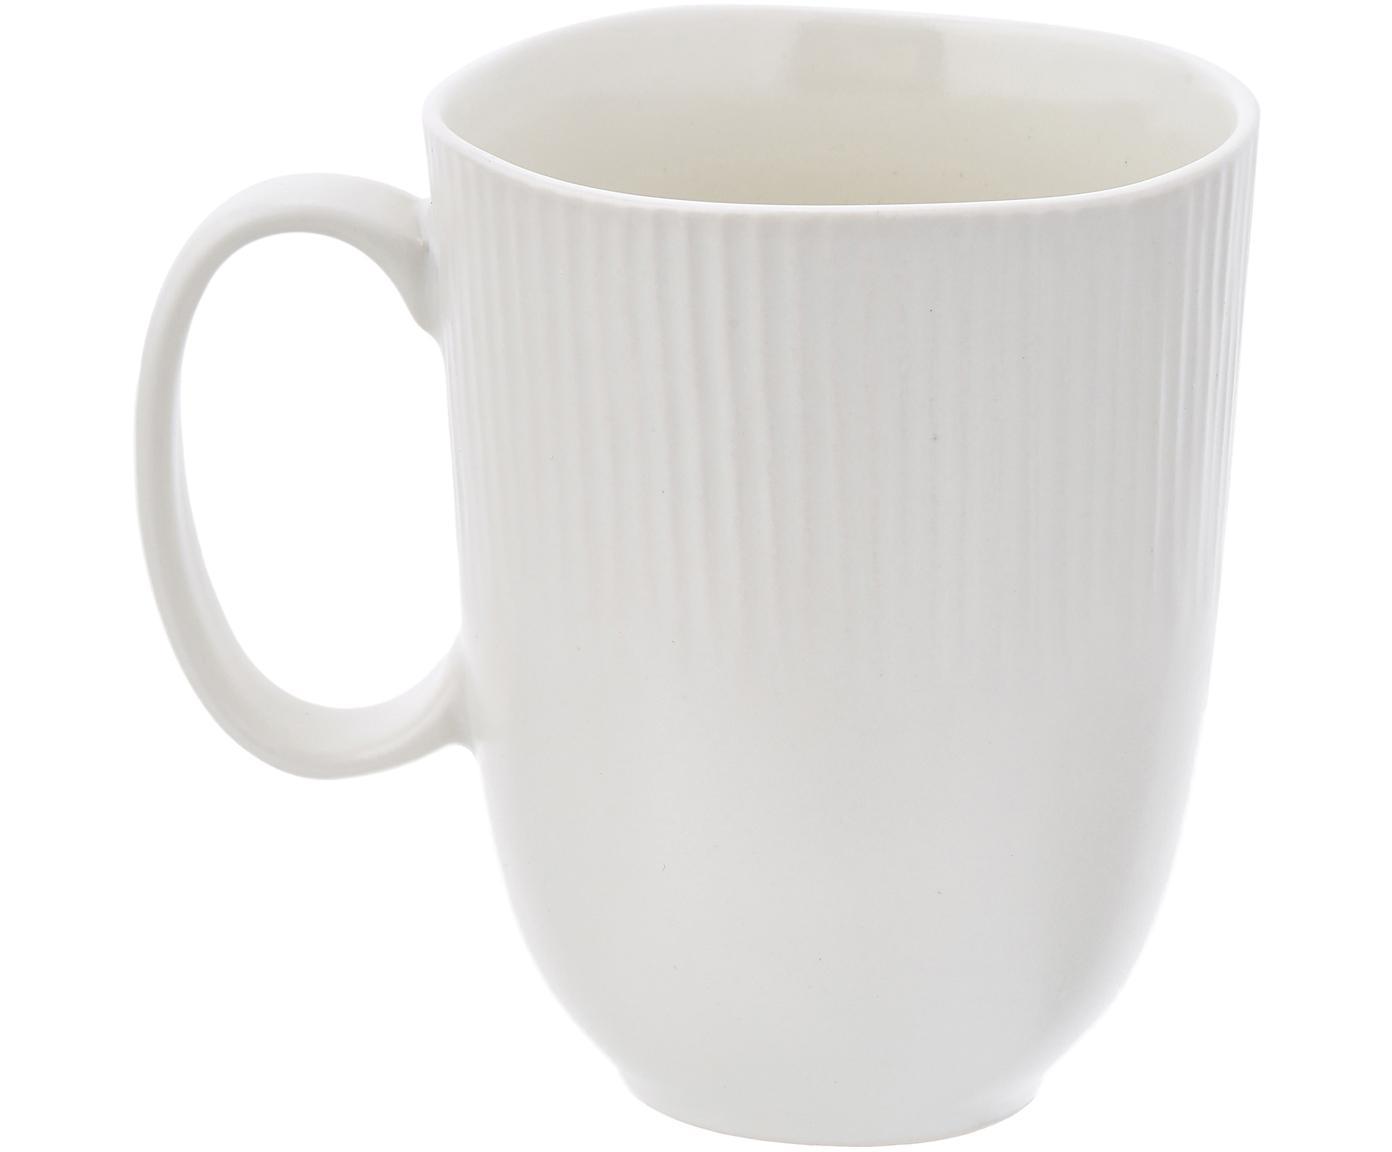 Handgefertigte Tassen Sandvig mit leichtem Rillenrelief, 4 Stück, Porzellan, durchgefärbt, Gebrochenes Weiss, Ø 8 x H 10 cm